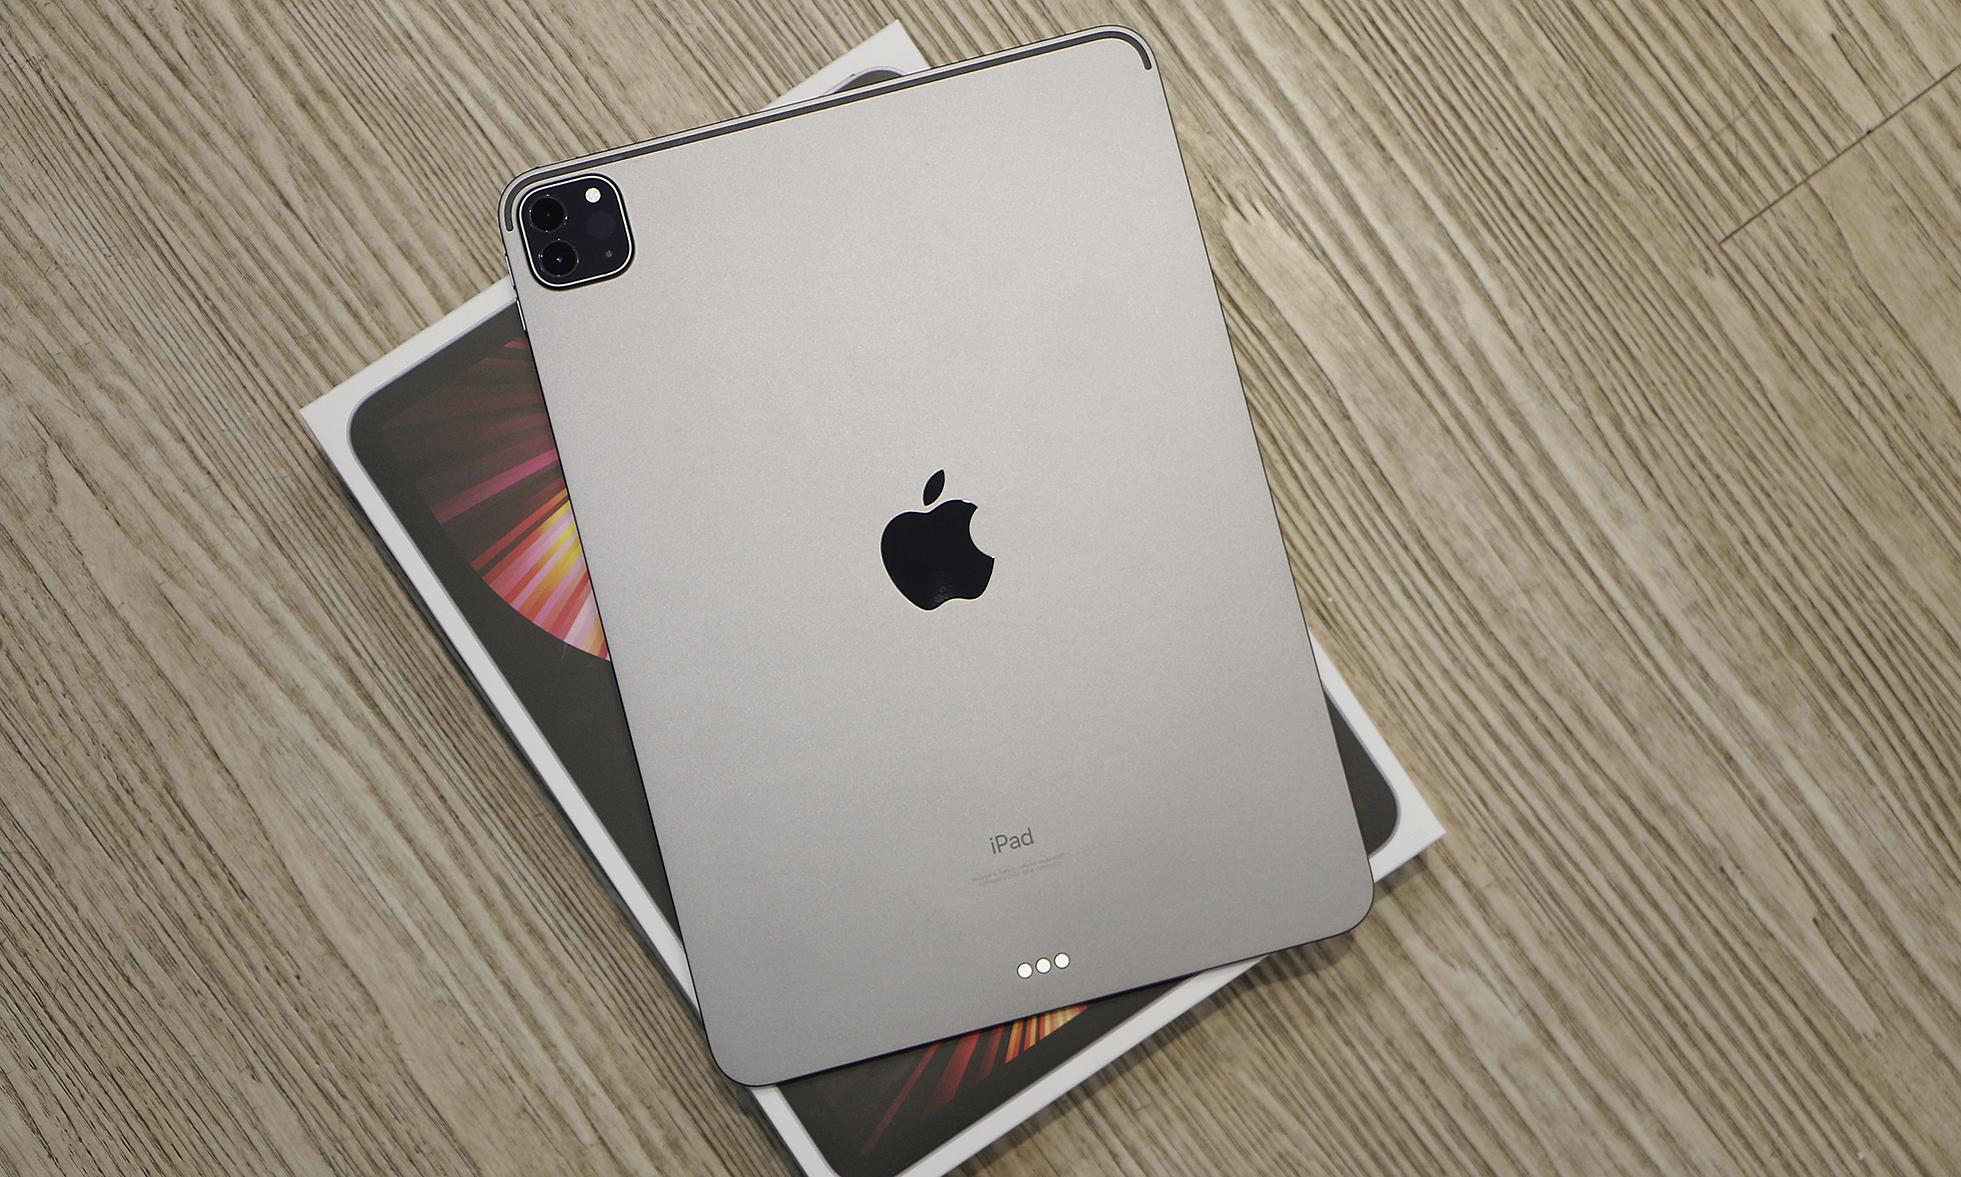 iPad Pro M1 chính hãng về Việt Nam hôm 7/6.